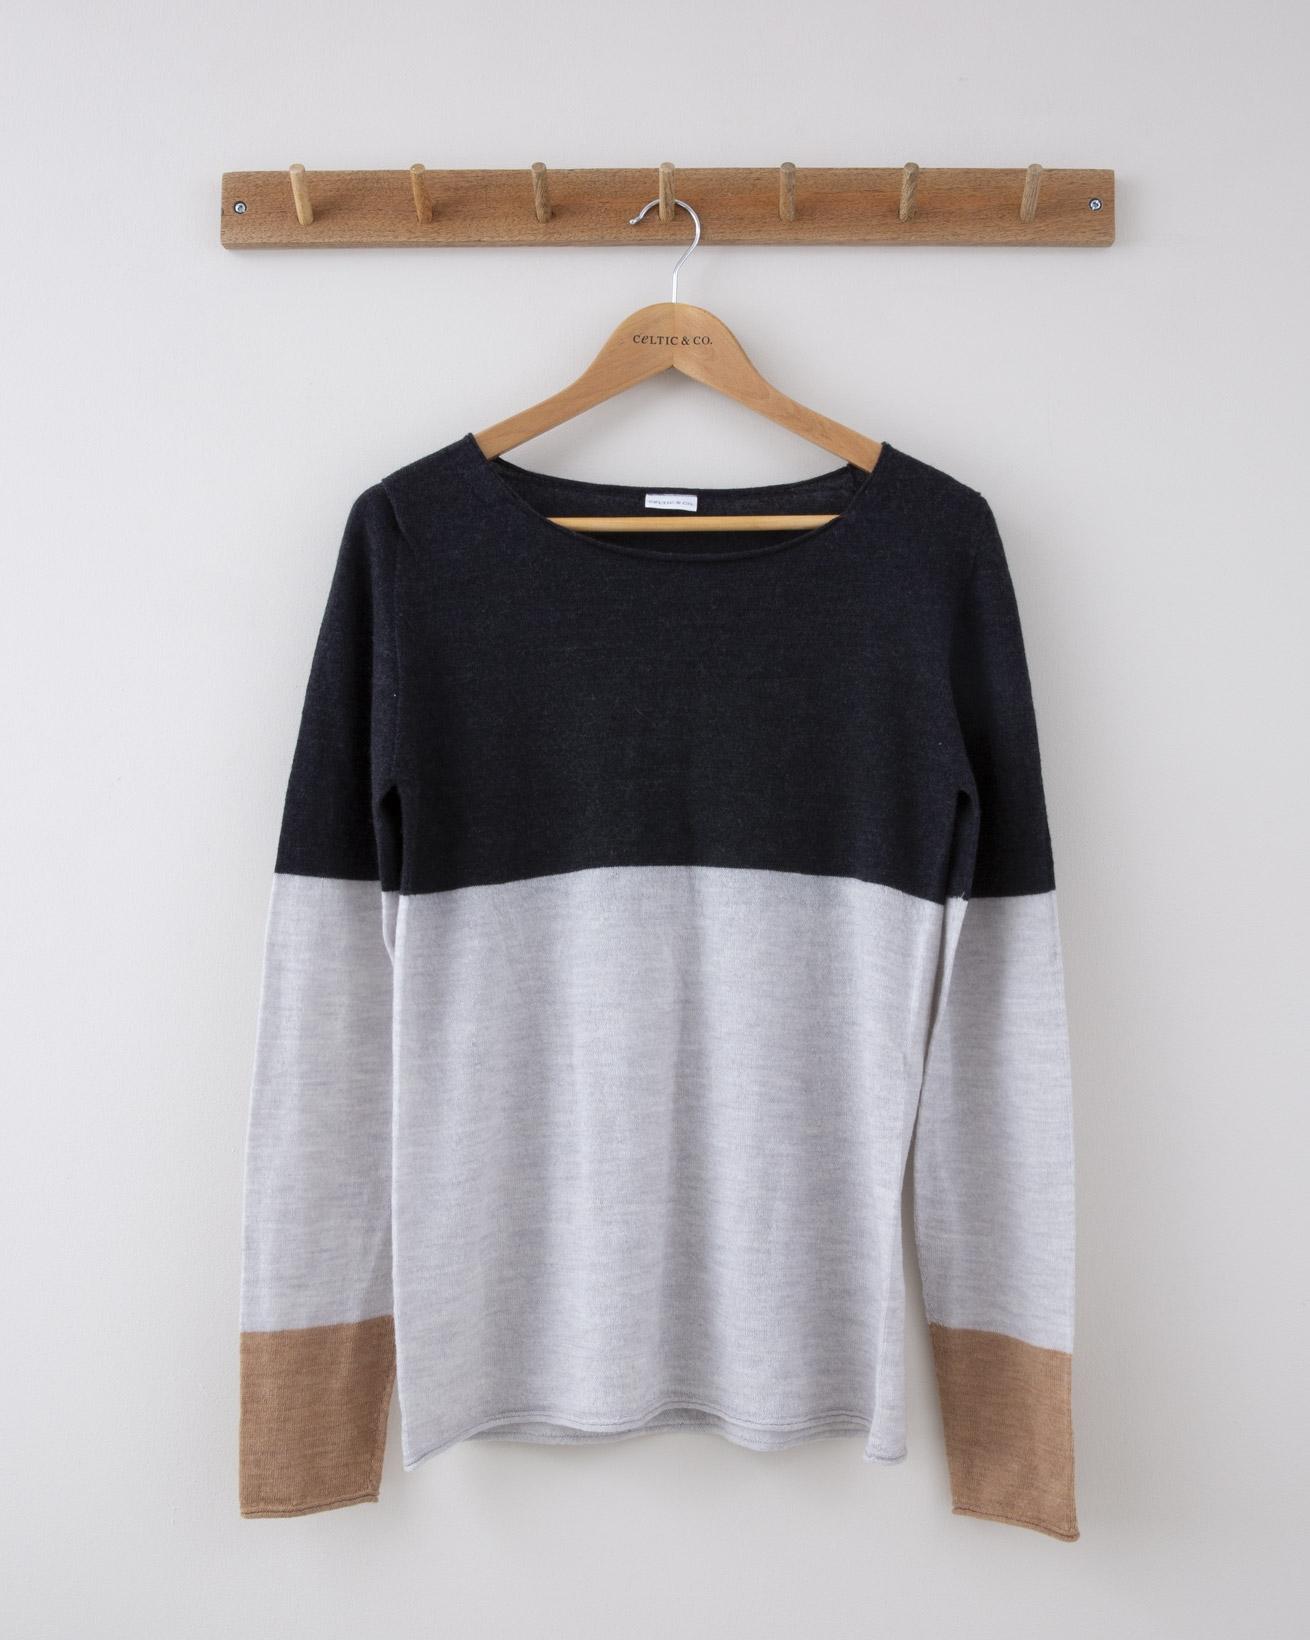 Fine Knit Merino Crew Neck - Small - Charcoal, Silver Grey & Camel Colourblock - 1261